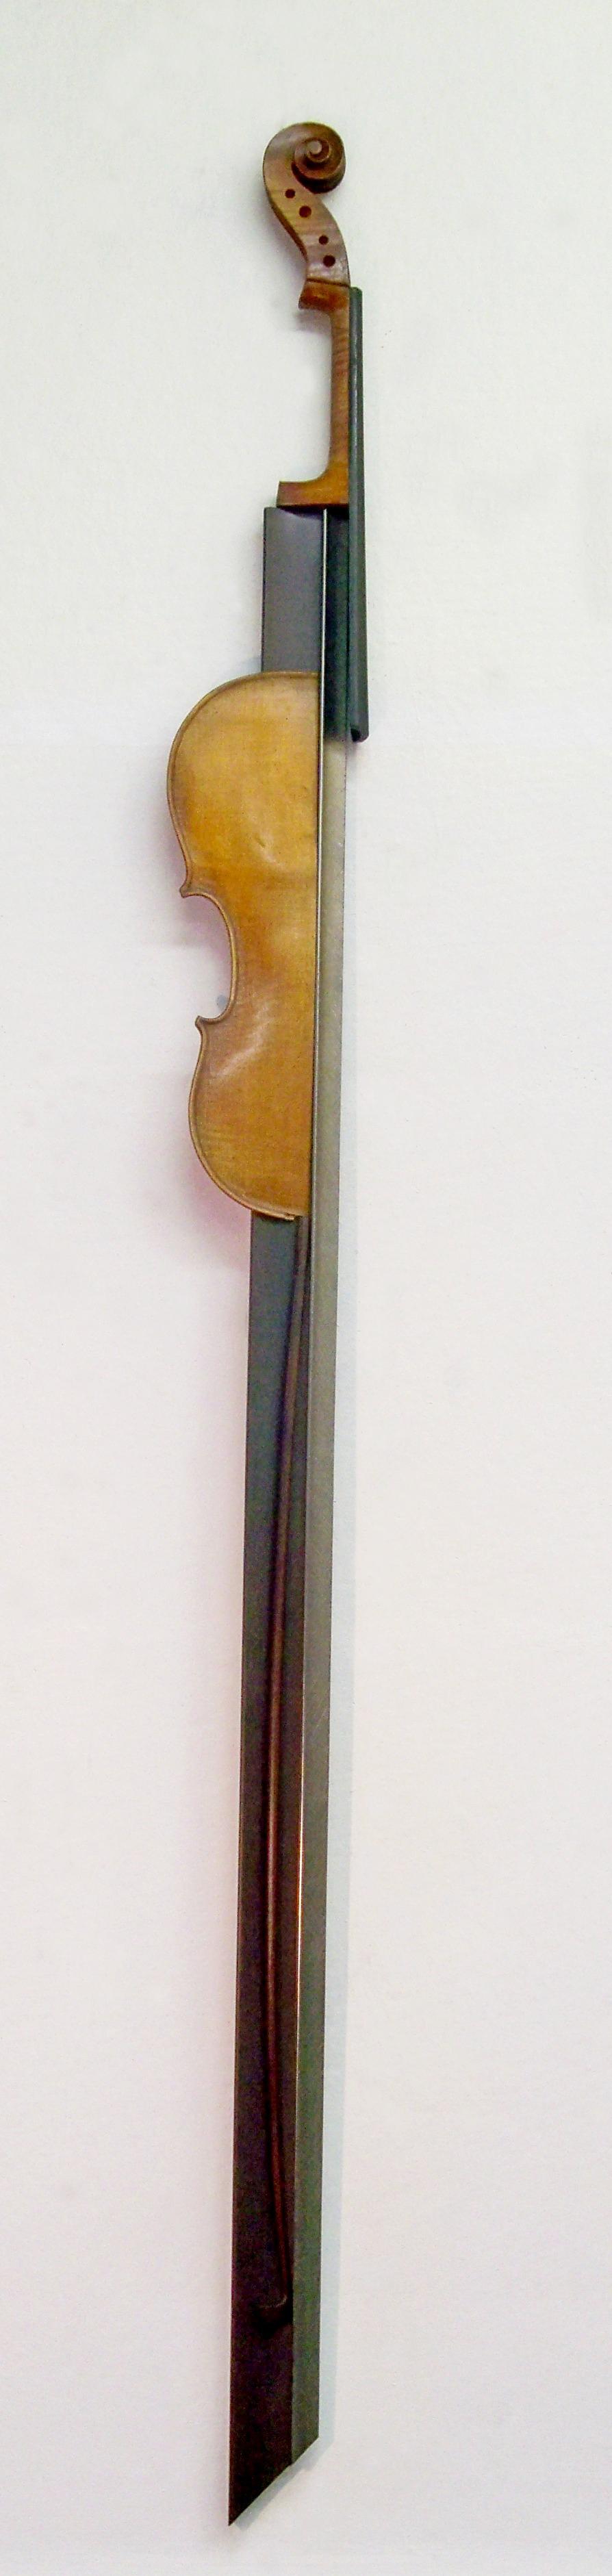 violin composition #4